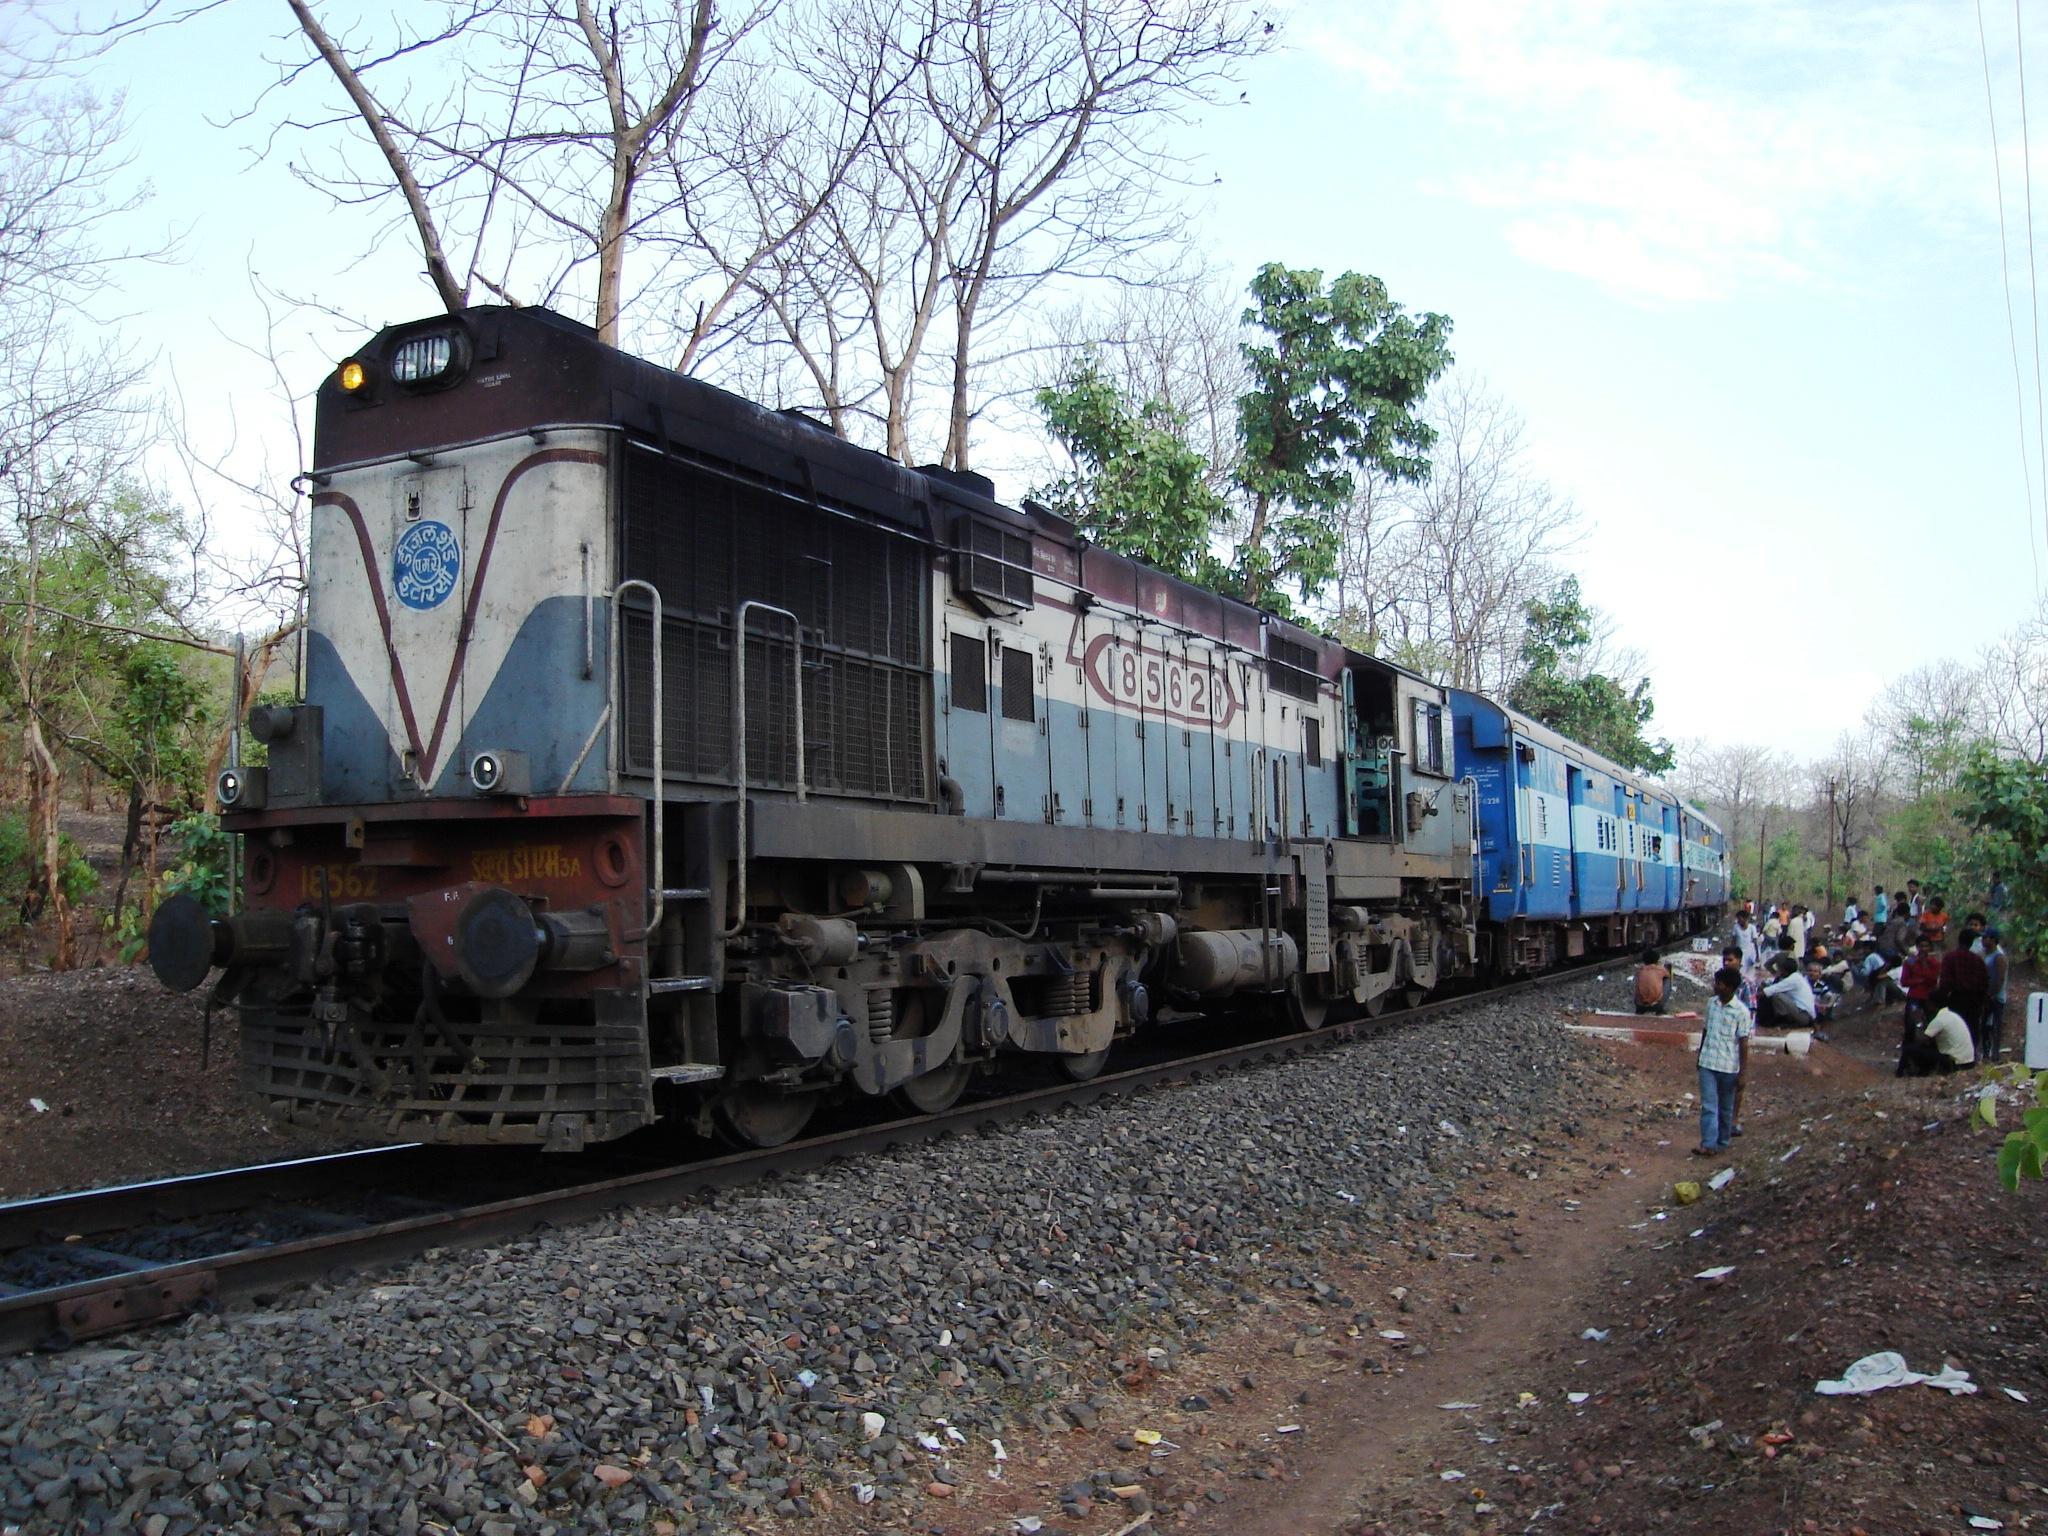 File:Indian Railways Diesel Loco JPG - Wikimedia Commons